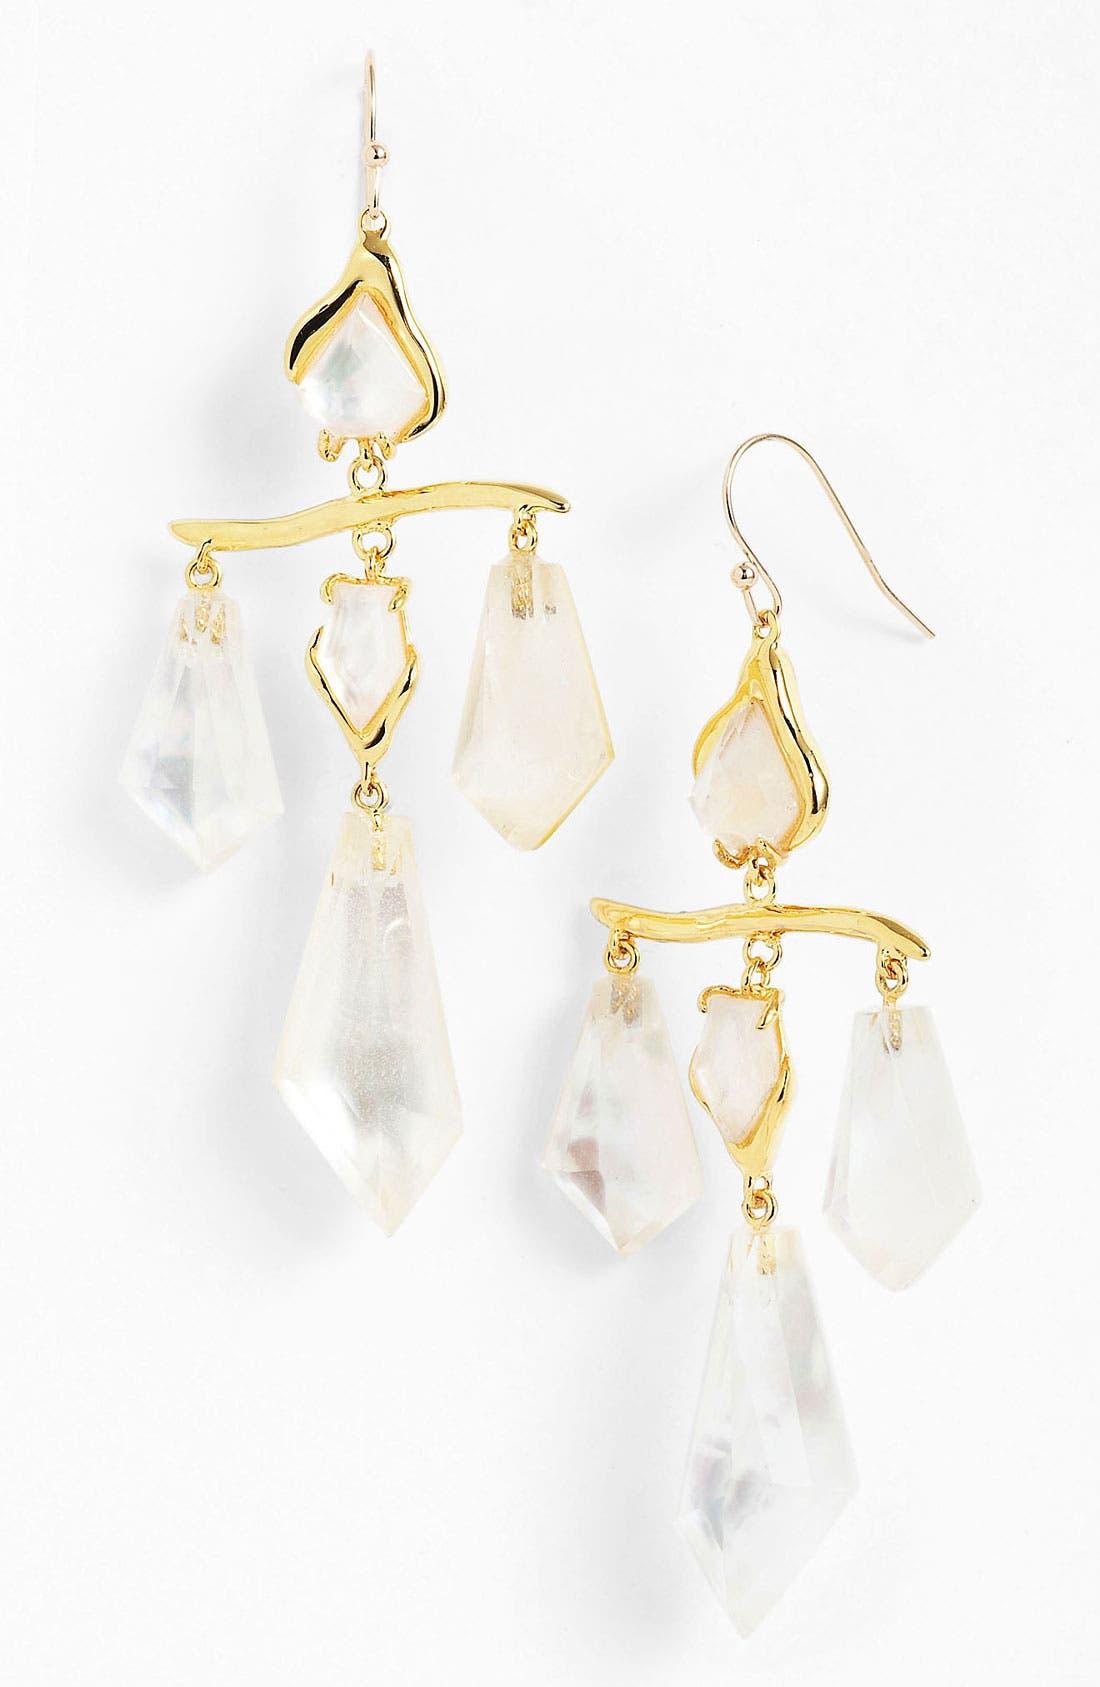 Alternate Image 1 Selected - Alexis Bittar 'Miss Havisham - Bel Air' Chandelier Earrings